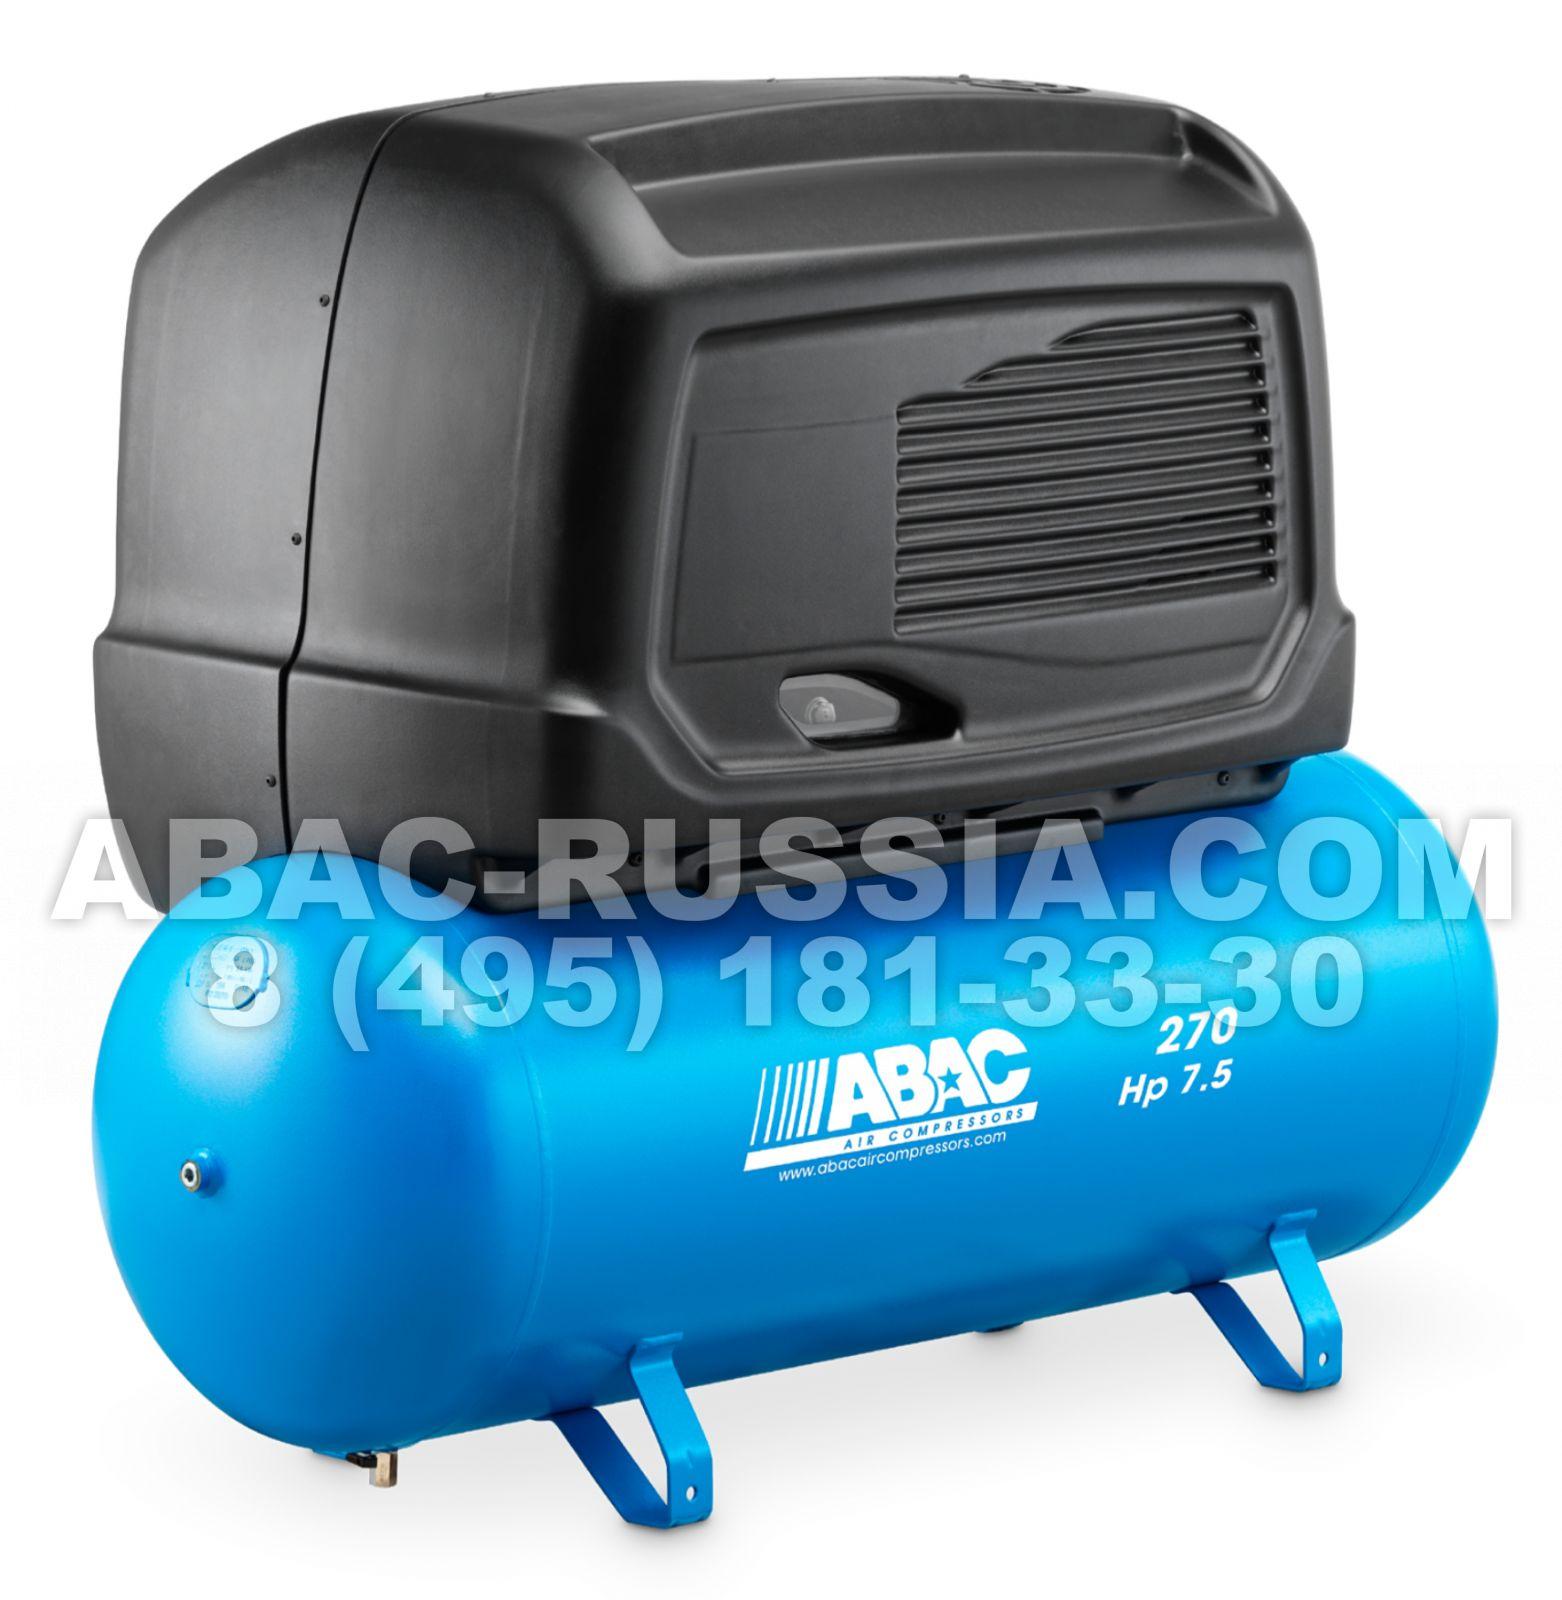 Поршневой компрессор ABAC S B6000/270 FT7.5 4116007336